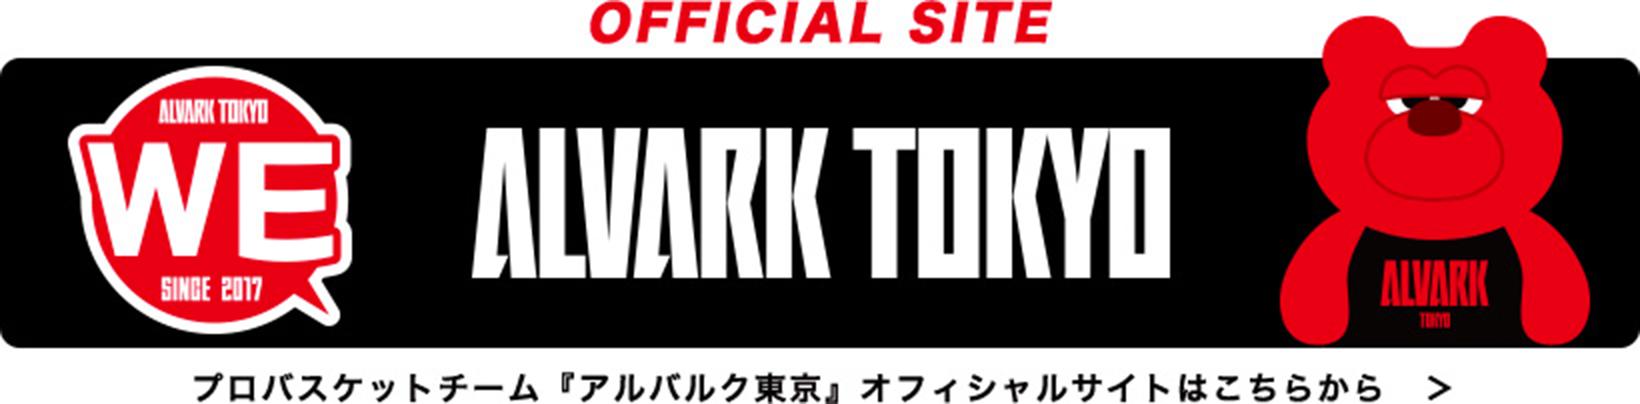 プロバスケットチーム「アルバルク東京」オフィシャルサイトはこちらから